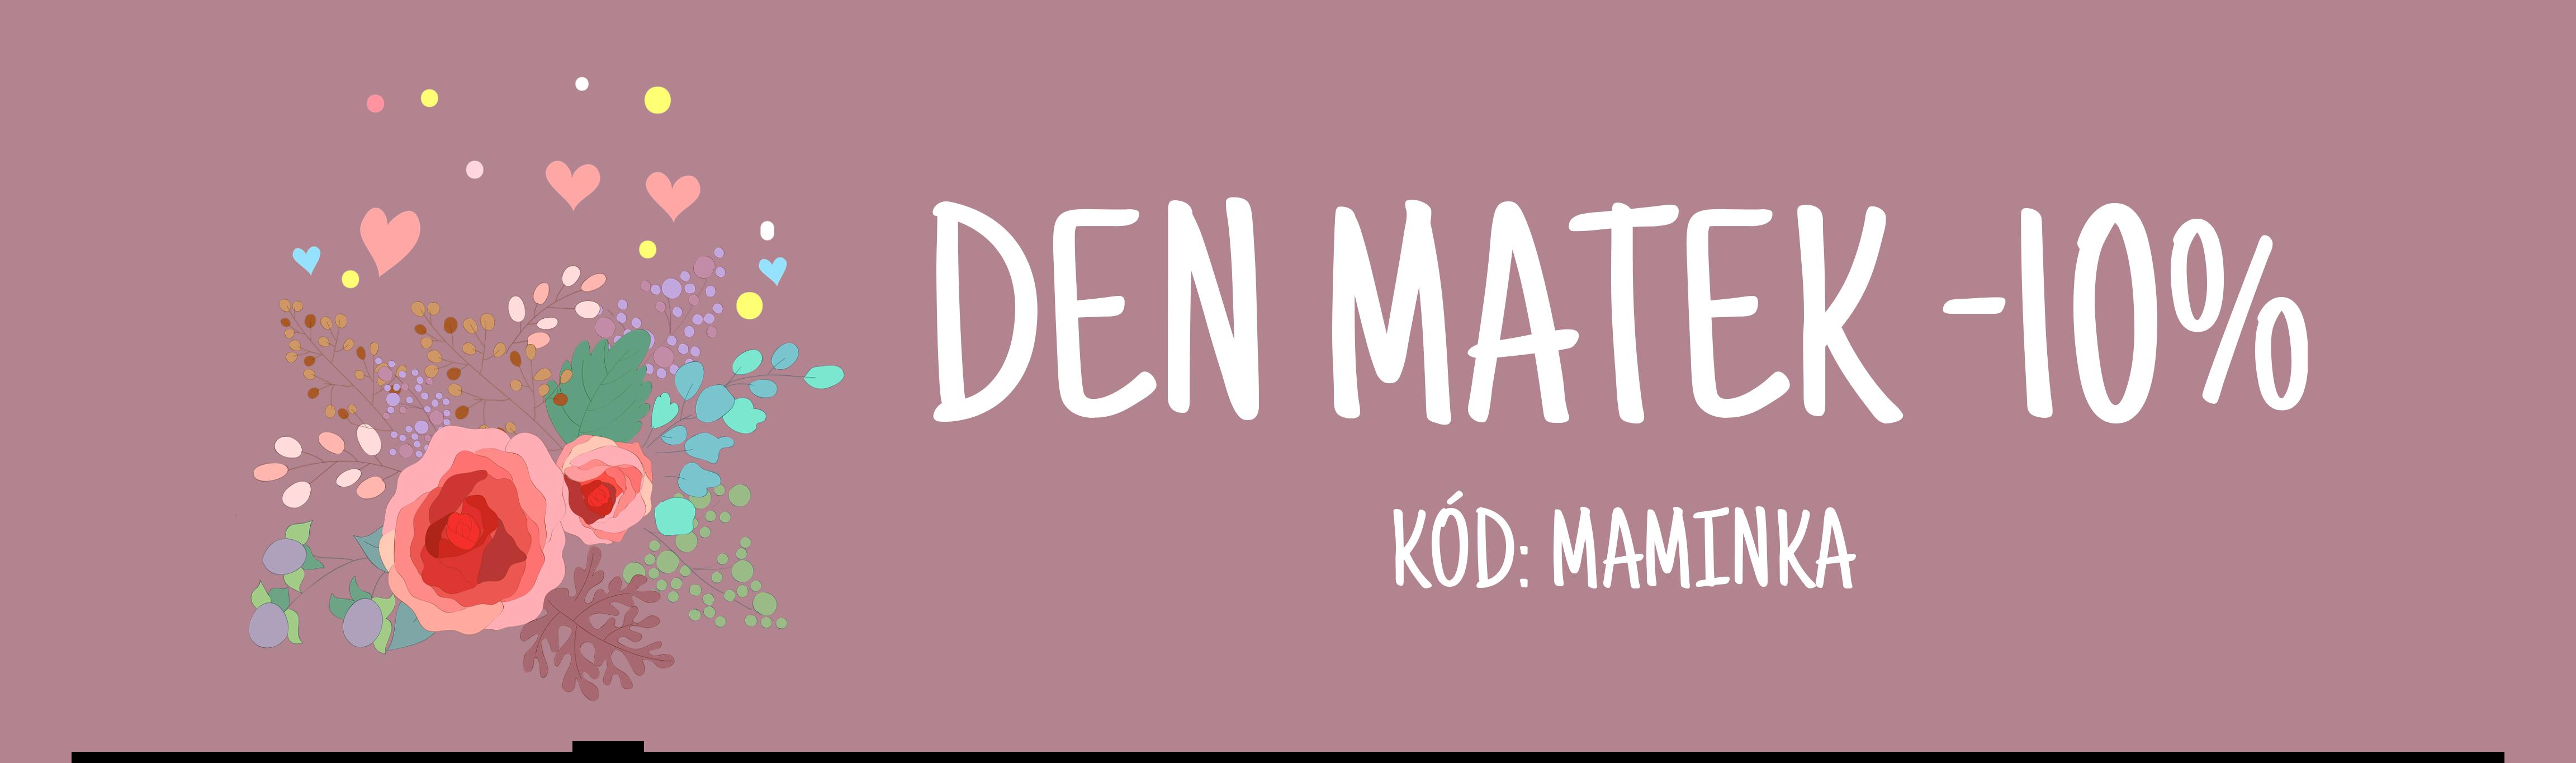 Den_matek_MADE_BY_DOMARA